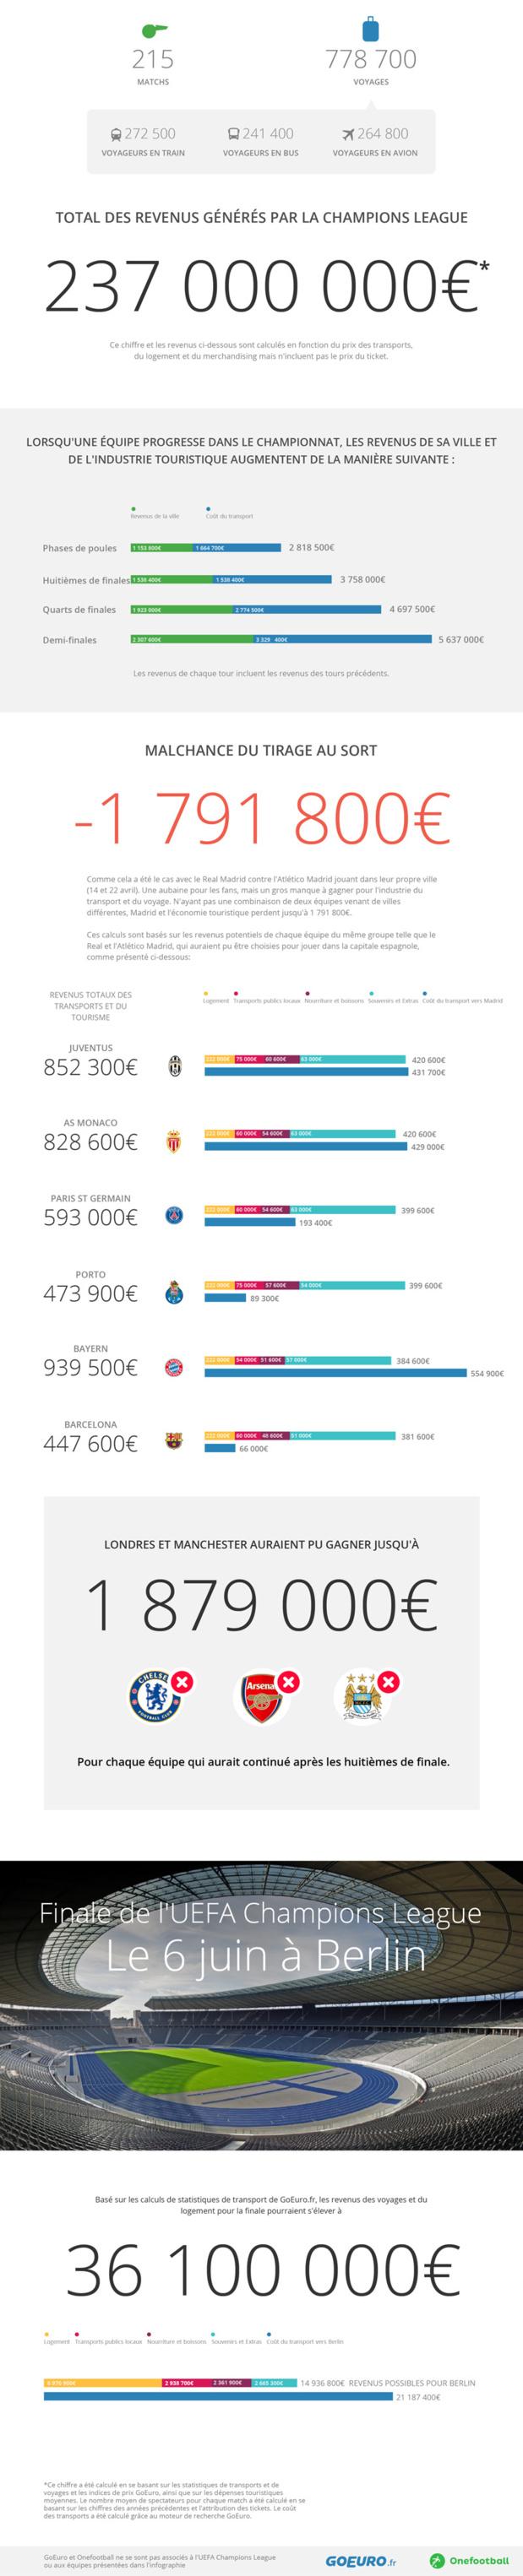 Football : la Champions League génère 237 M€ de revenus touristiques